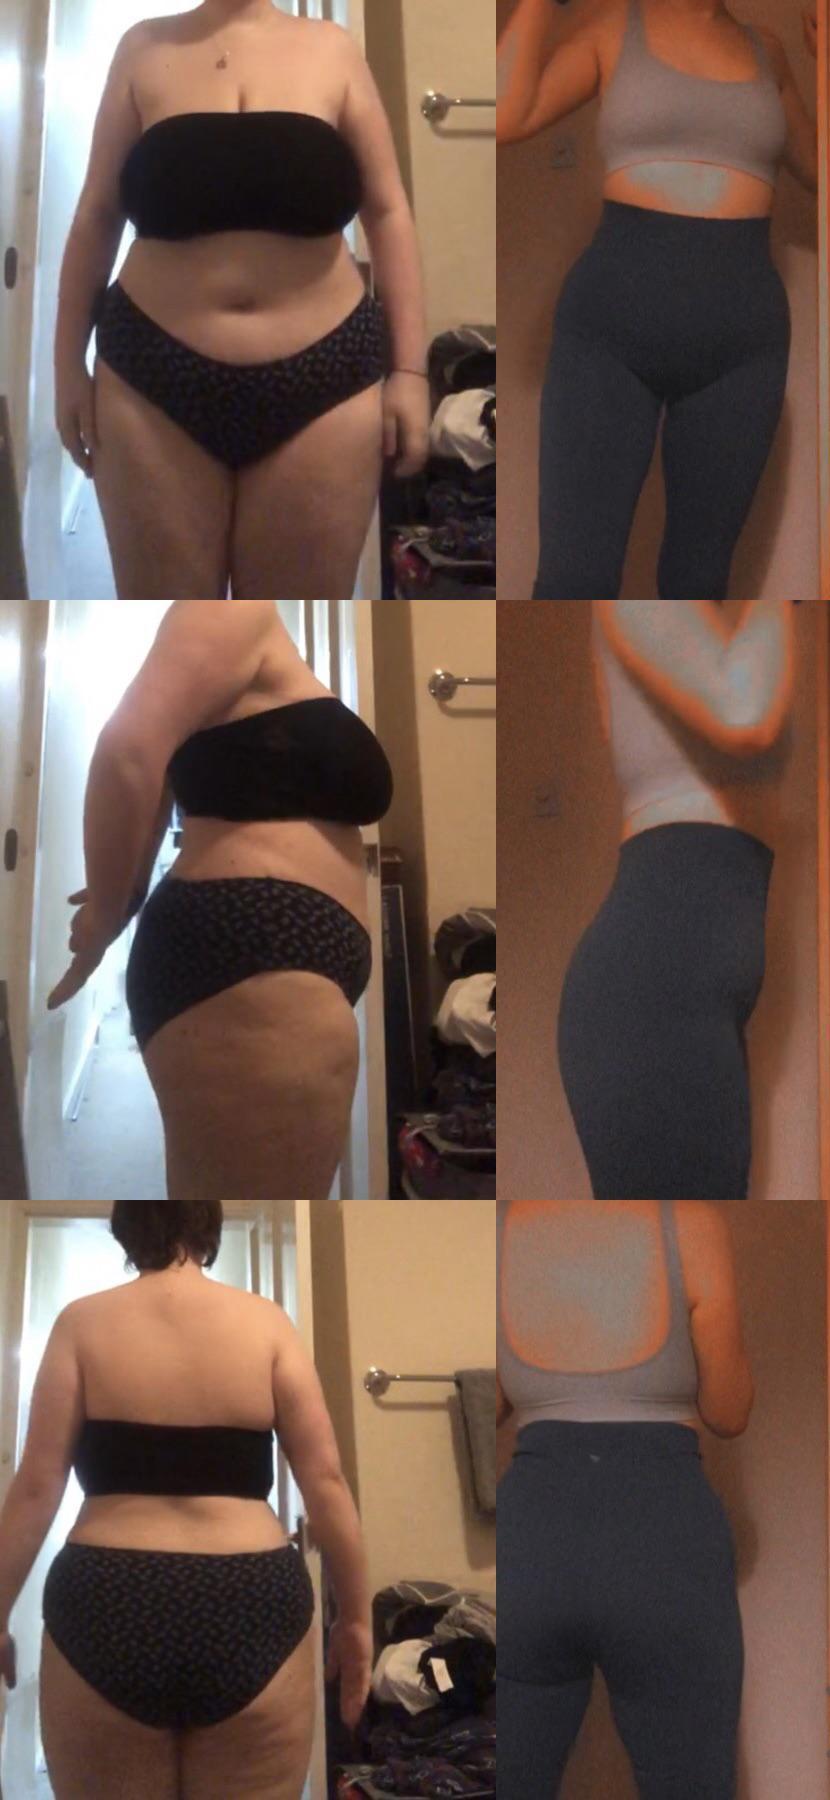 Progress Pics of 95 lbs Fat Loss 5 feet 8 Female 235 lbs to 140 lbs